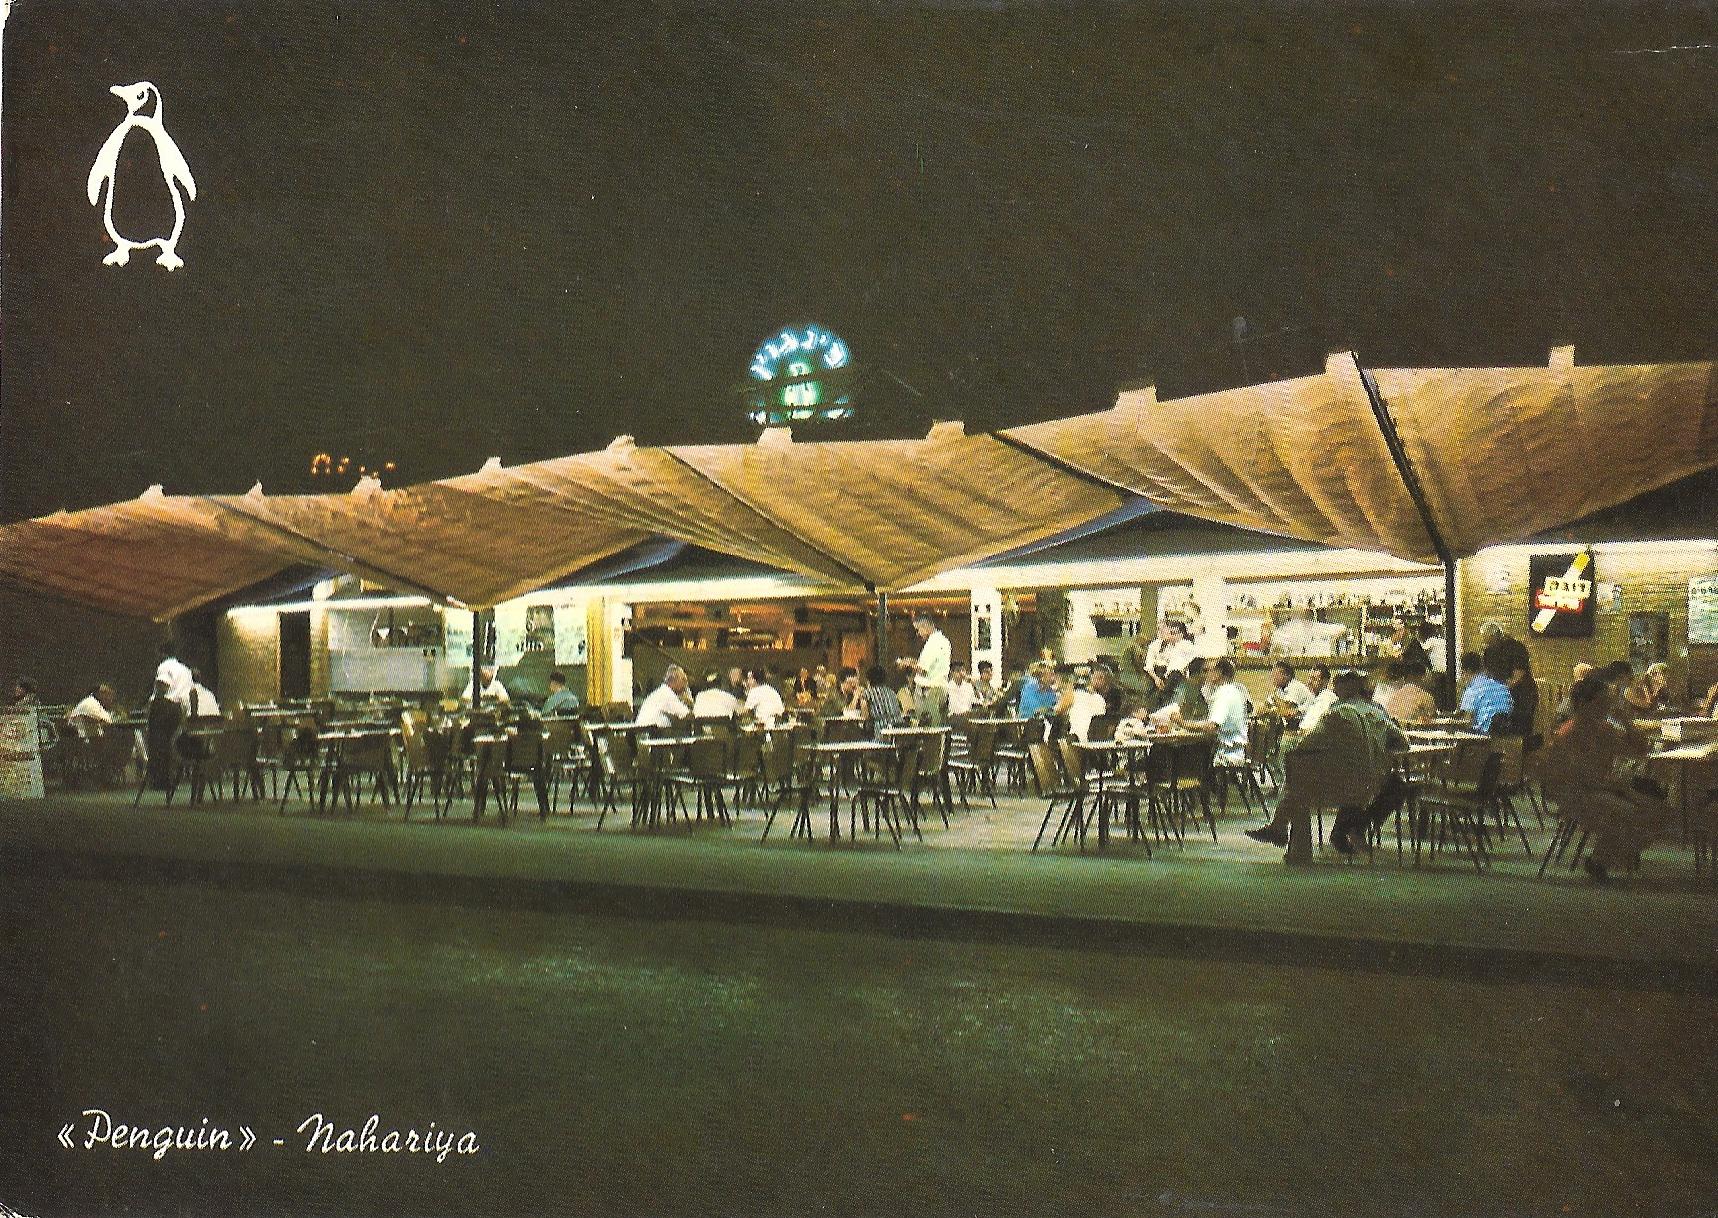 Nahariya- Penguin: Pension, Cafe, Restaurant